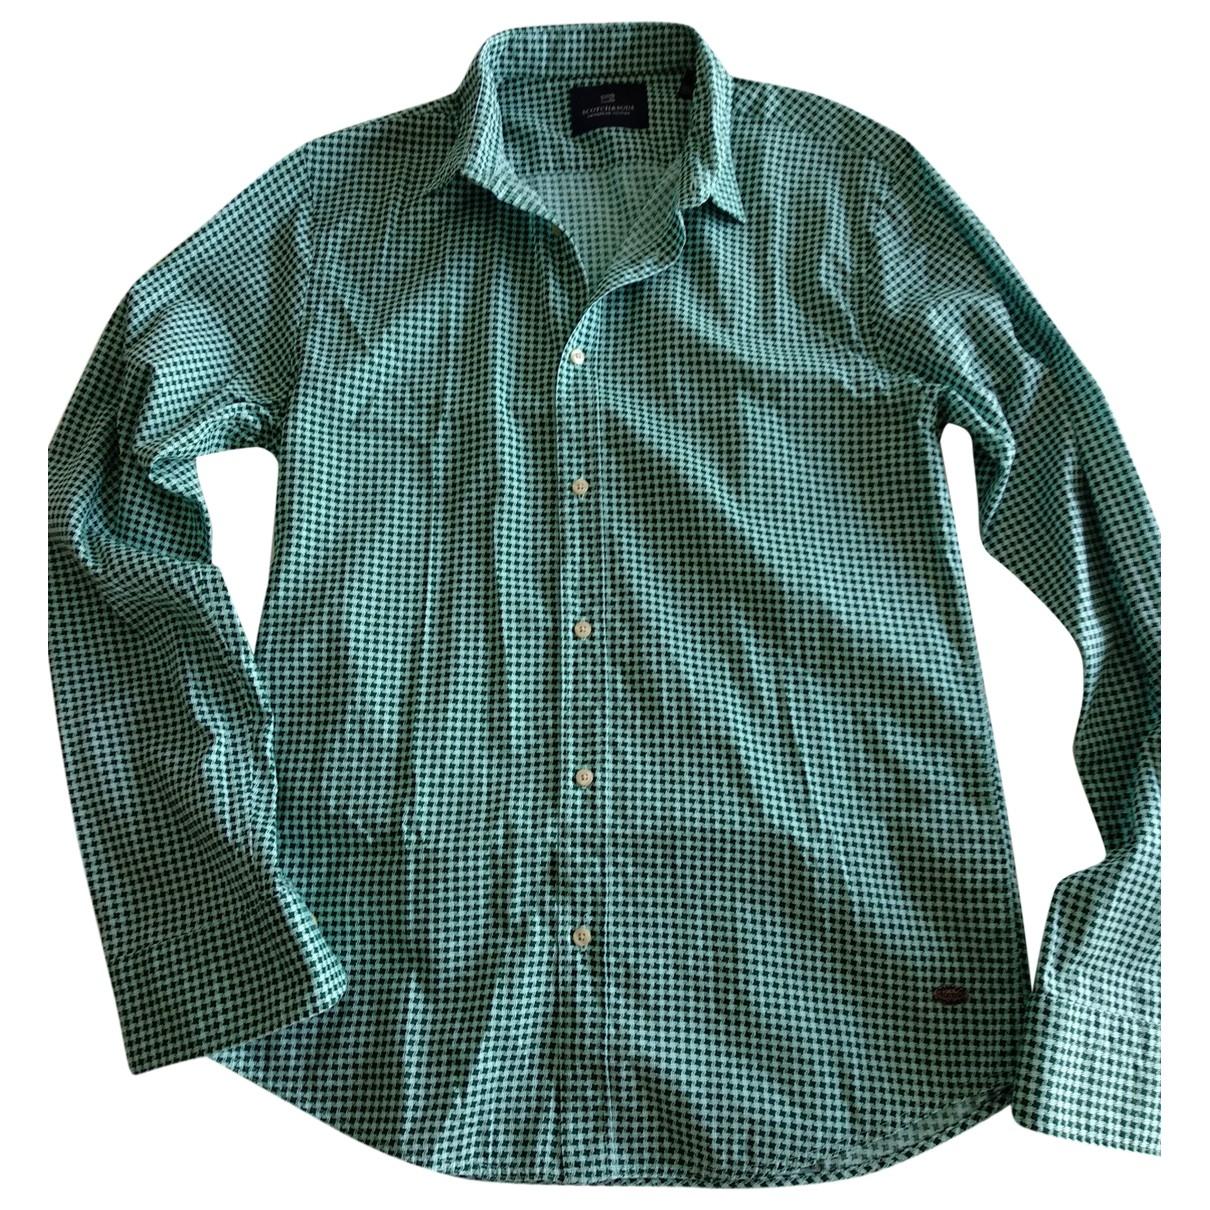 Scotch & Soda \N Hemden in  Gruen Baumwolle